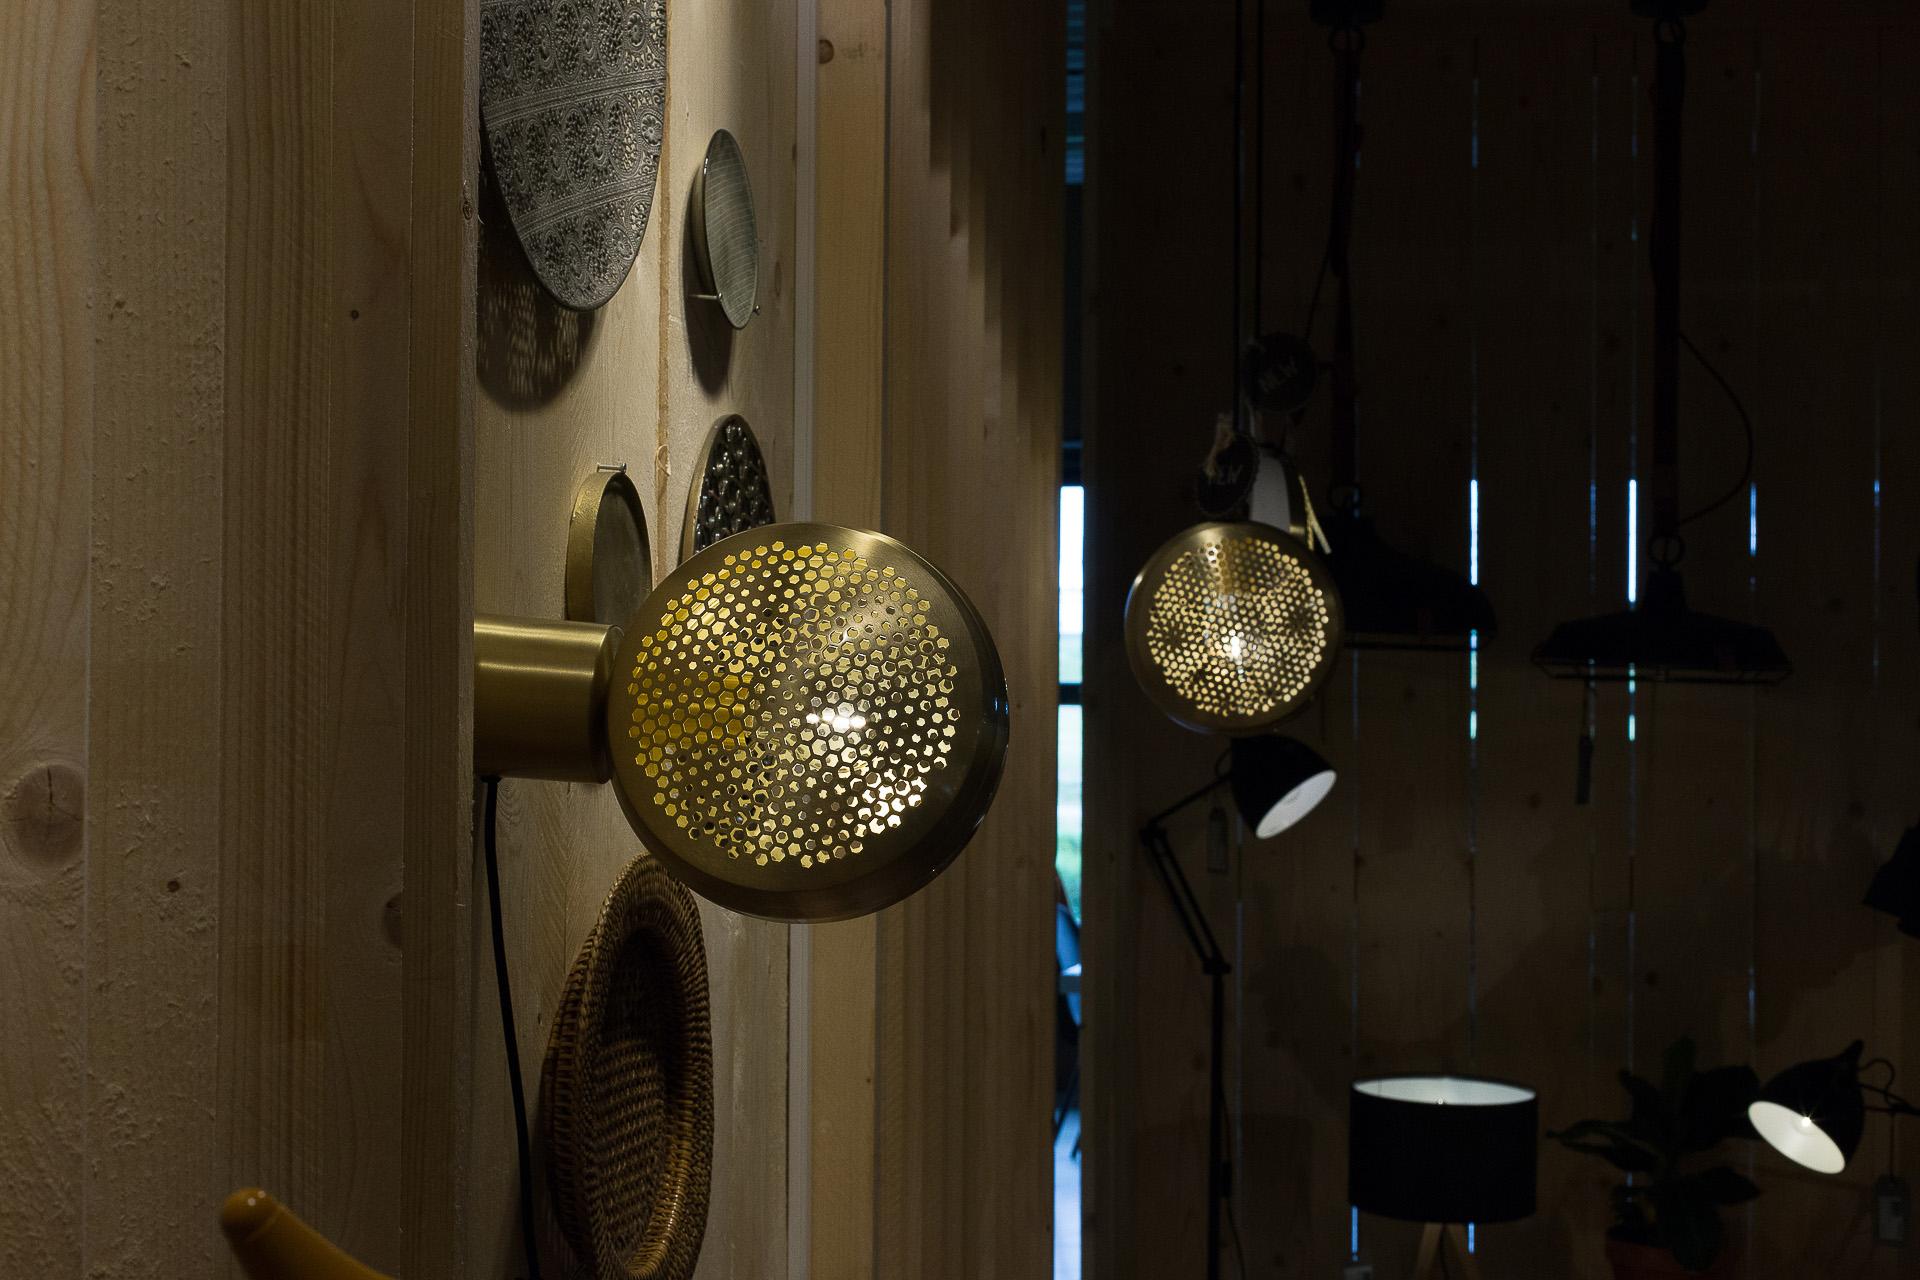 Inneneinrichtung Heidelberg, Mannheim, Stuttgart - Gaffga Interieur Design - Moebel von Zuiver, Wandleuchte in Gold